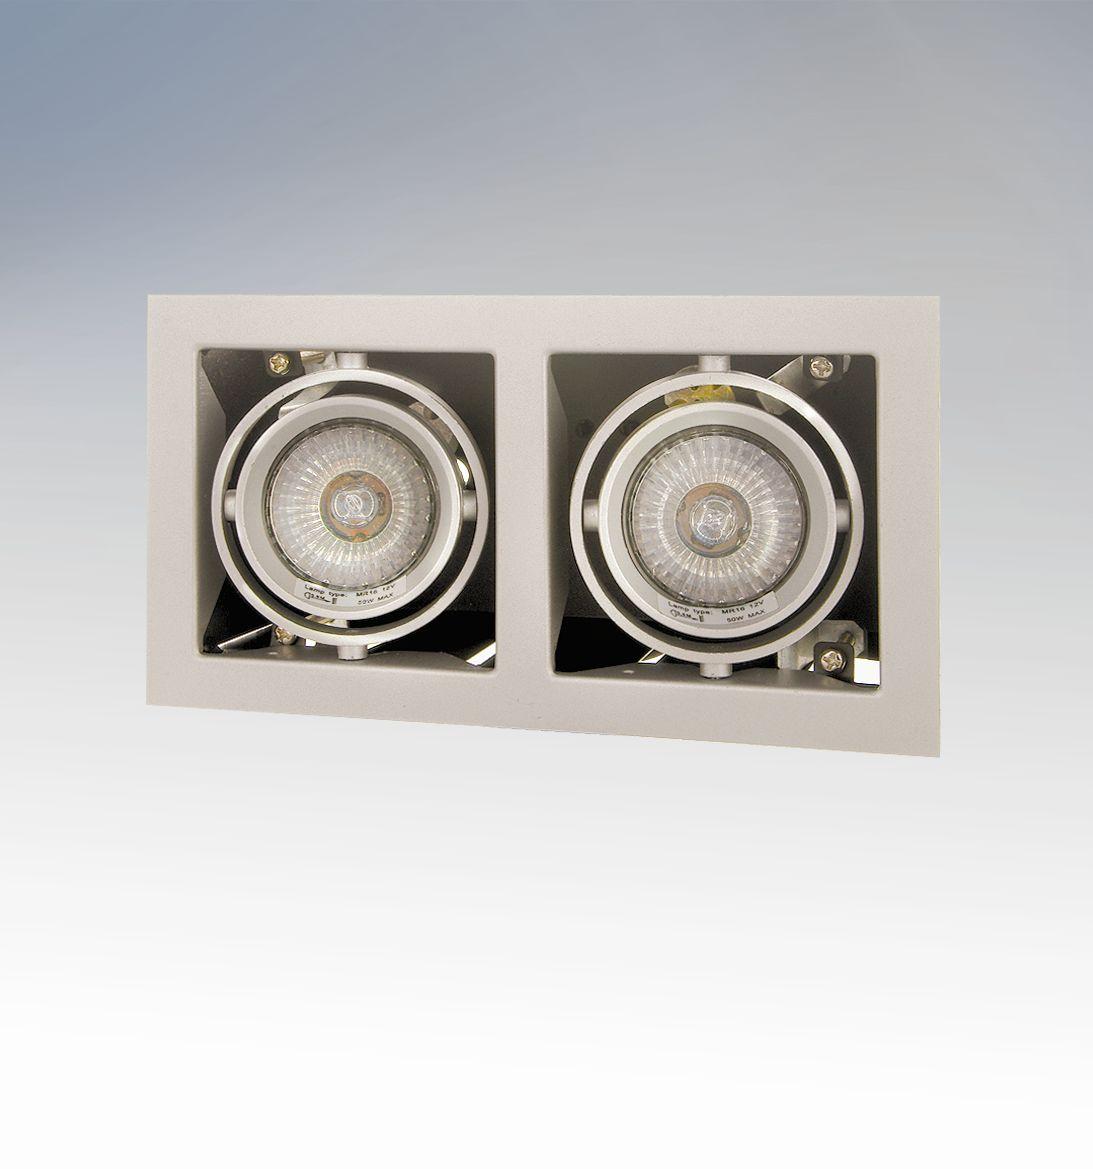 Потолочный светильник 214027 Lightstarвстраиваемые<br>214027 Светильник CARDANO  16 x2 (KT16-E2) ТИТАН 214027. Бренд - Lightstar. тип цоколя - GU5.3. тип лампы - галогеновая или LED. ширина/диаметр - 110. мощность - 50. количество ламп - 2. особенности - Светильник Кардан.<br><br>популярные производители: Lightstar<br>тип цоколя: GU5.3<br>тип лампы: галогеновая или LED<br>ширина/диаметр: 110<br>максимальная мощность лампочки: 50<br>количество лампочек: 2<br>особенности: Светильник Кардан